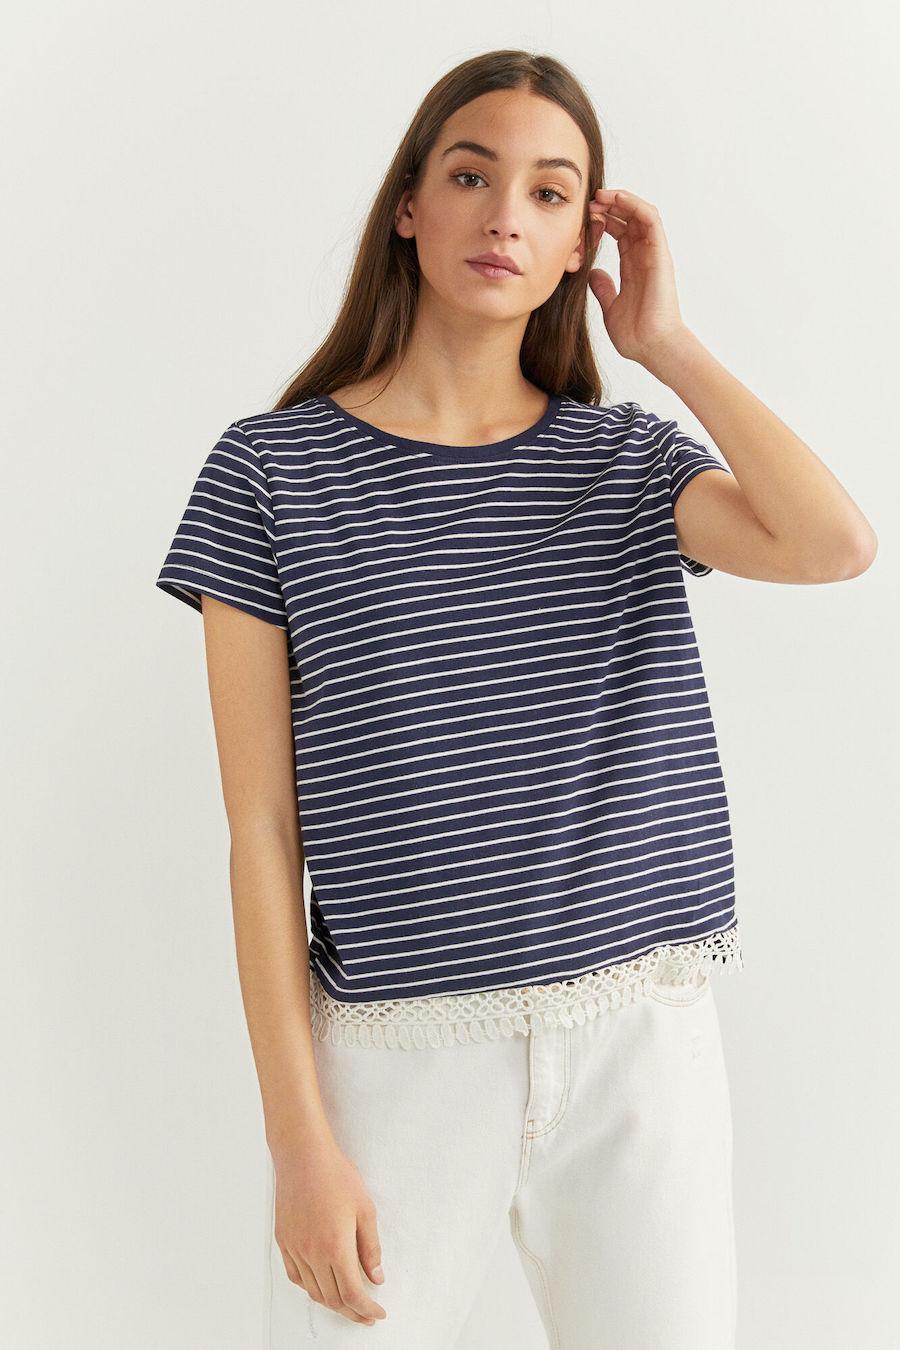 Camiseta de manga corta con cuello redondo y detalle de crochet en el bajo.